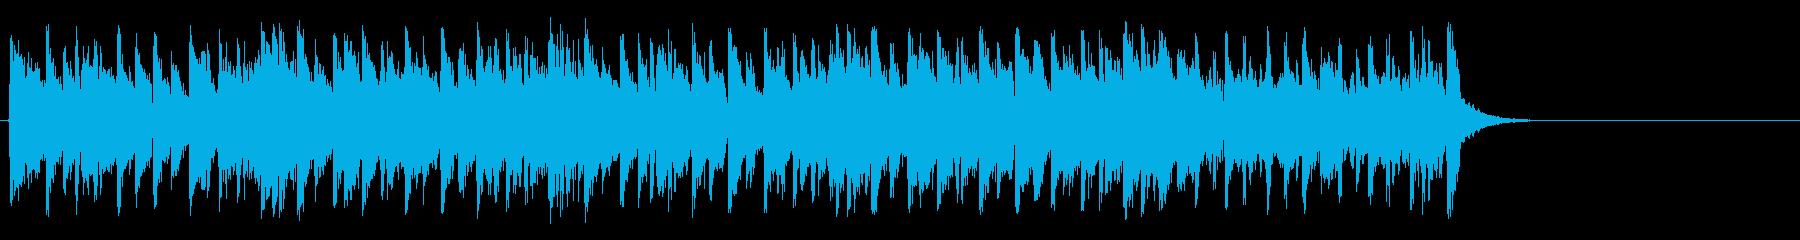 軽やかなフュージョン(サビ~イントロ)の再生済みの波形